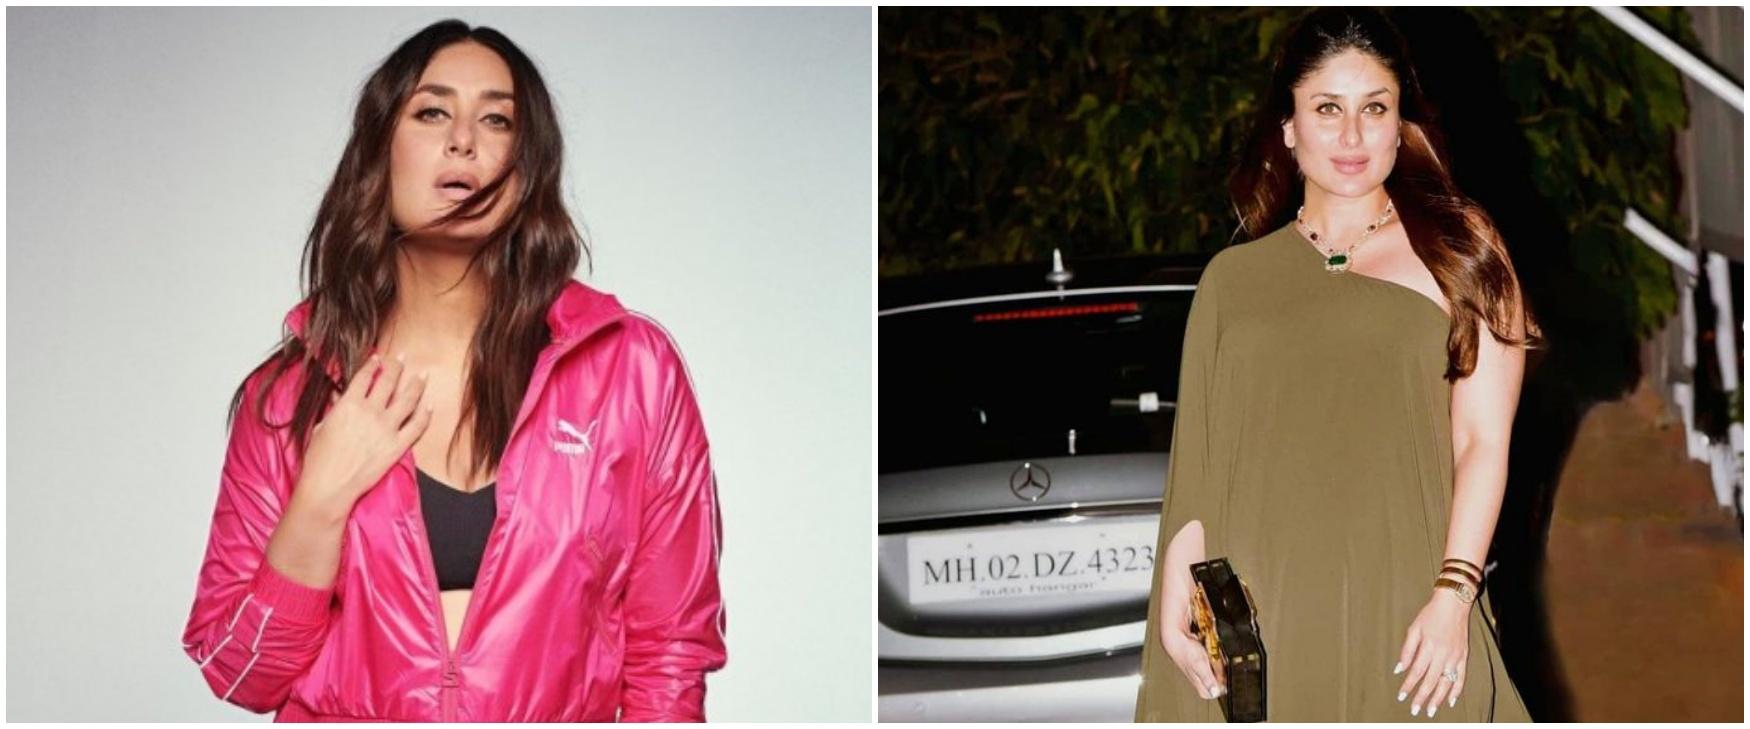 Tampil perdana usai melahirkan, ini 7 potret Kareena Kapoor di catwalk